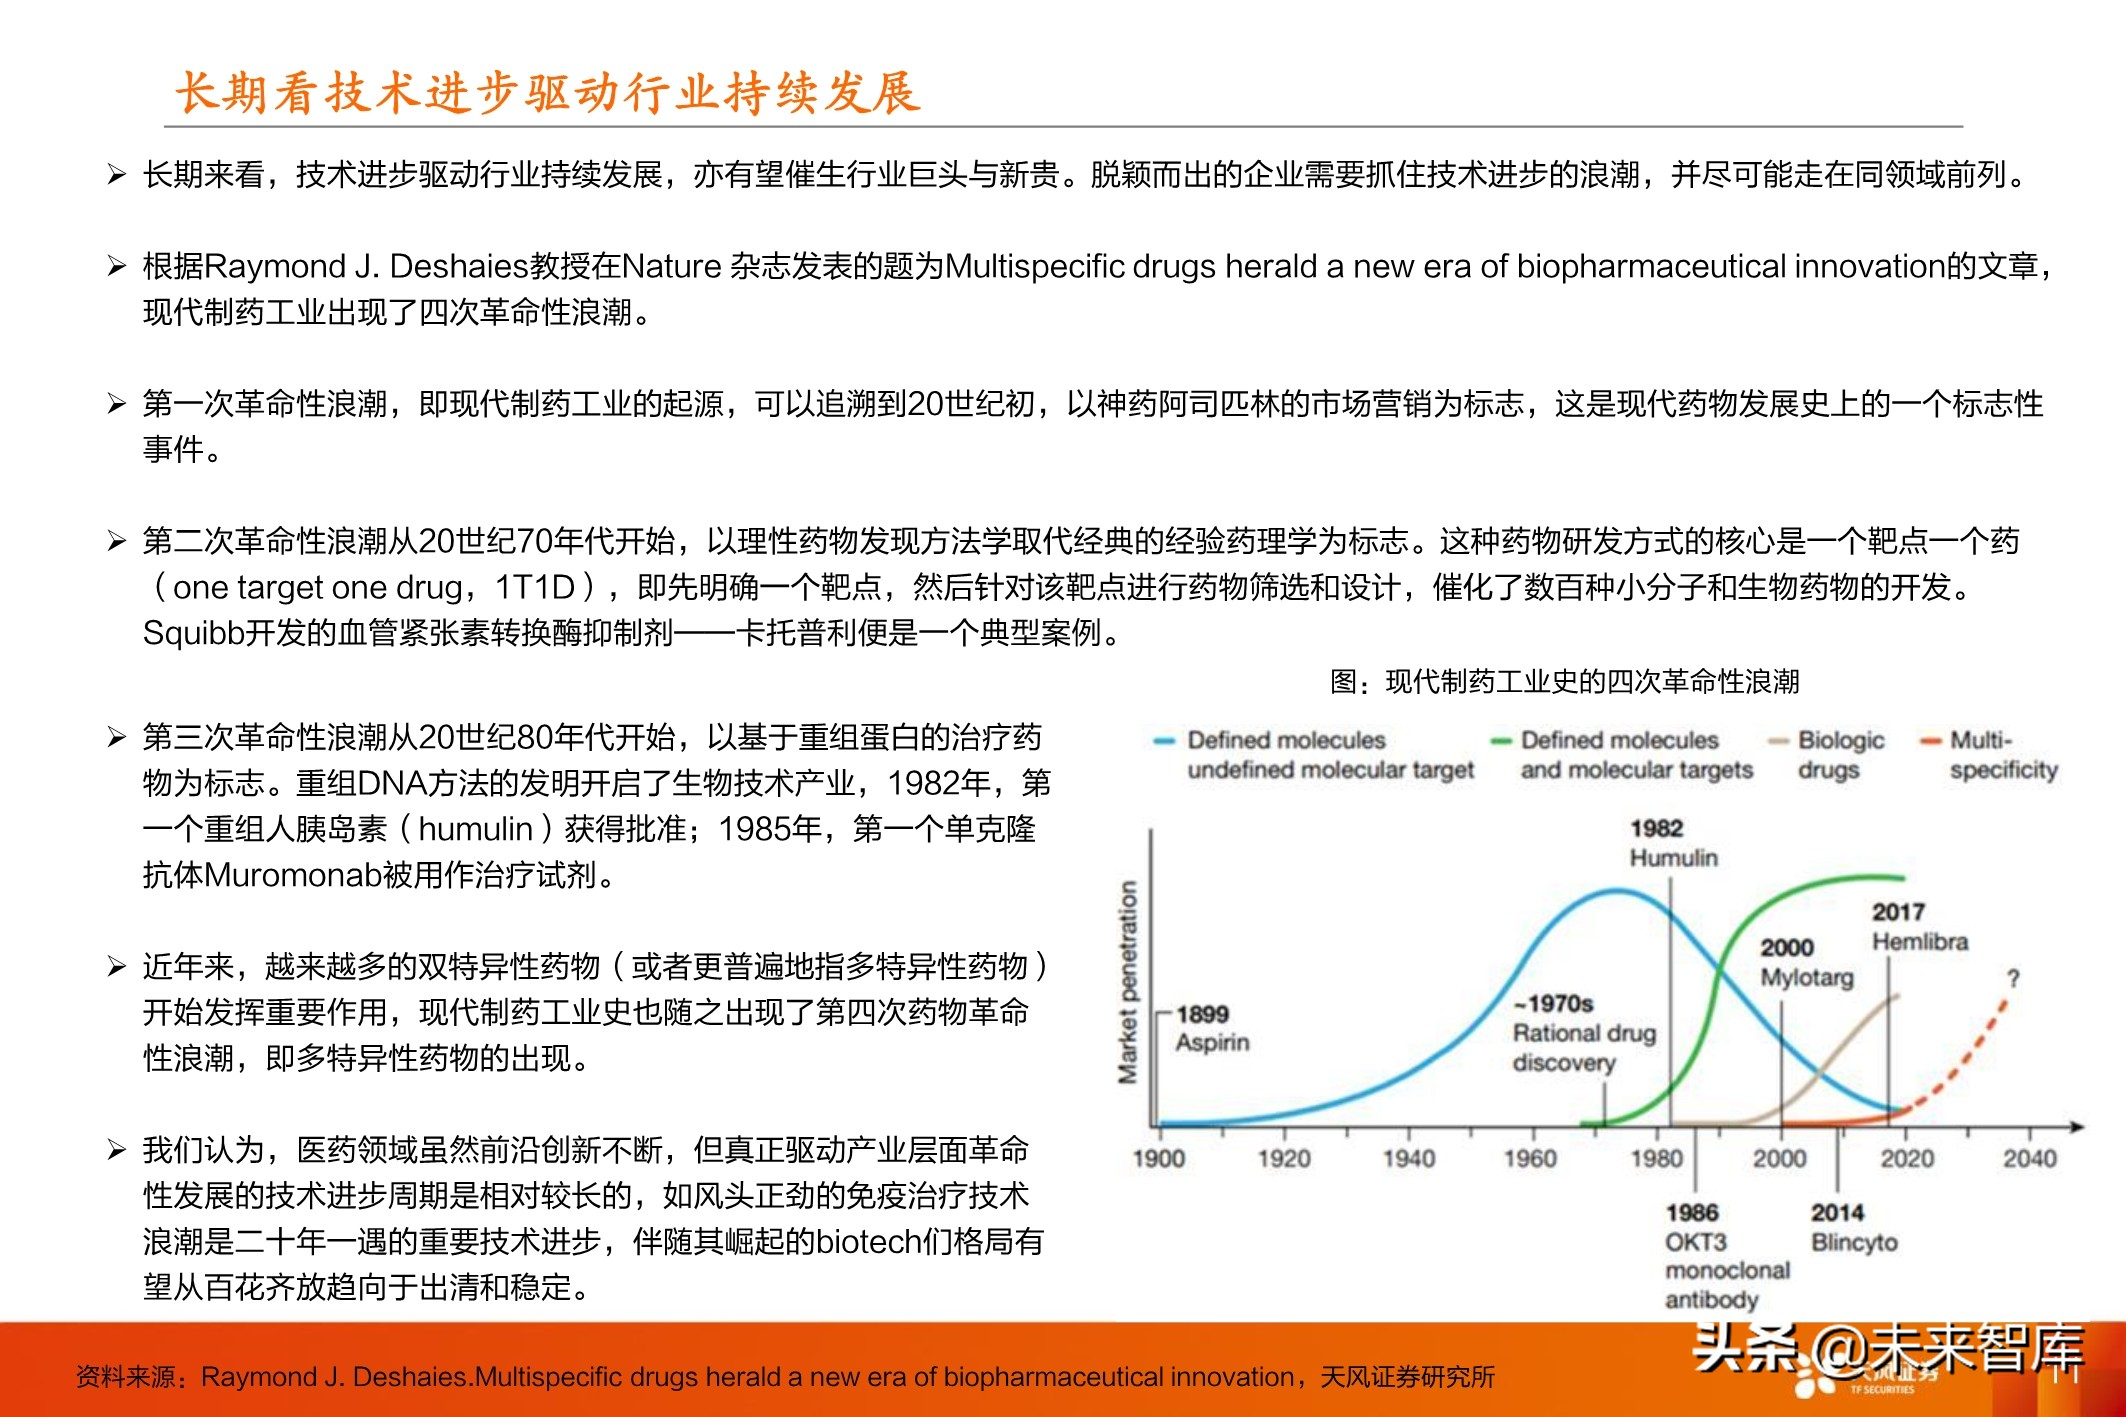 医药行业投资策略:医改进一步强化,坚守创新与大消费景气赛道